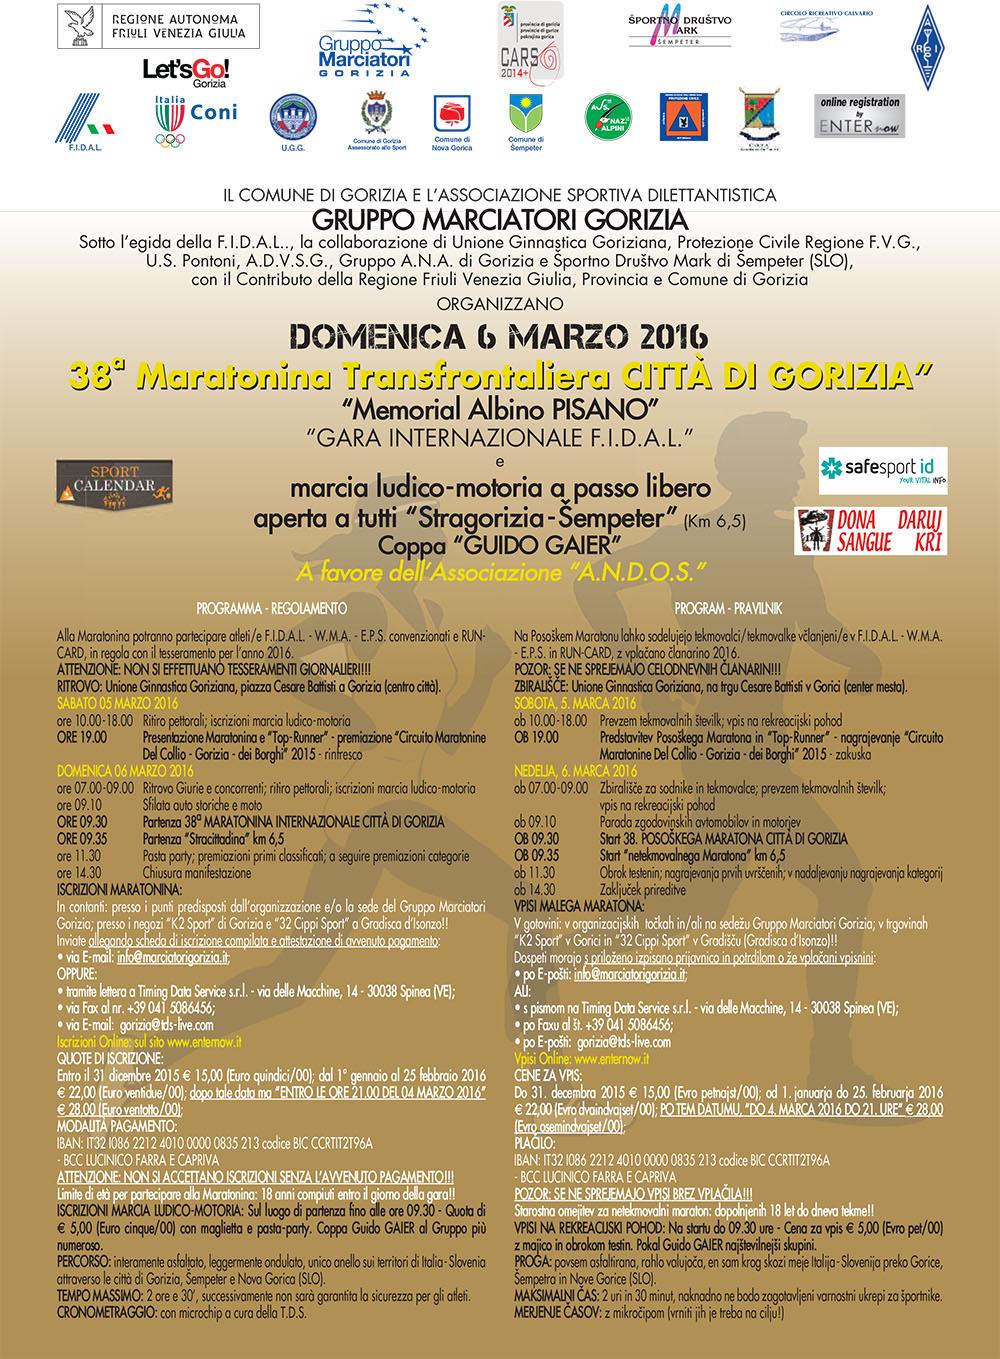 Maratonina transfrontaliera Citta' di Gorizia